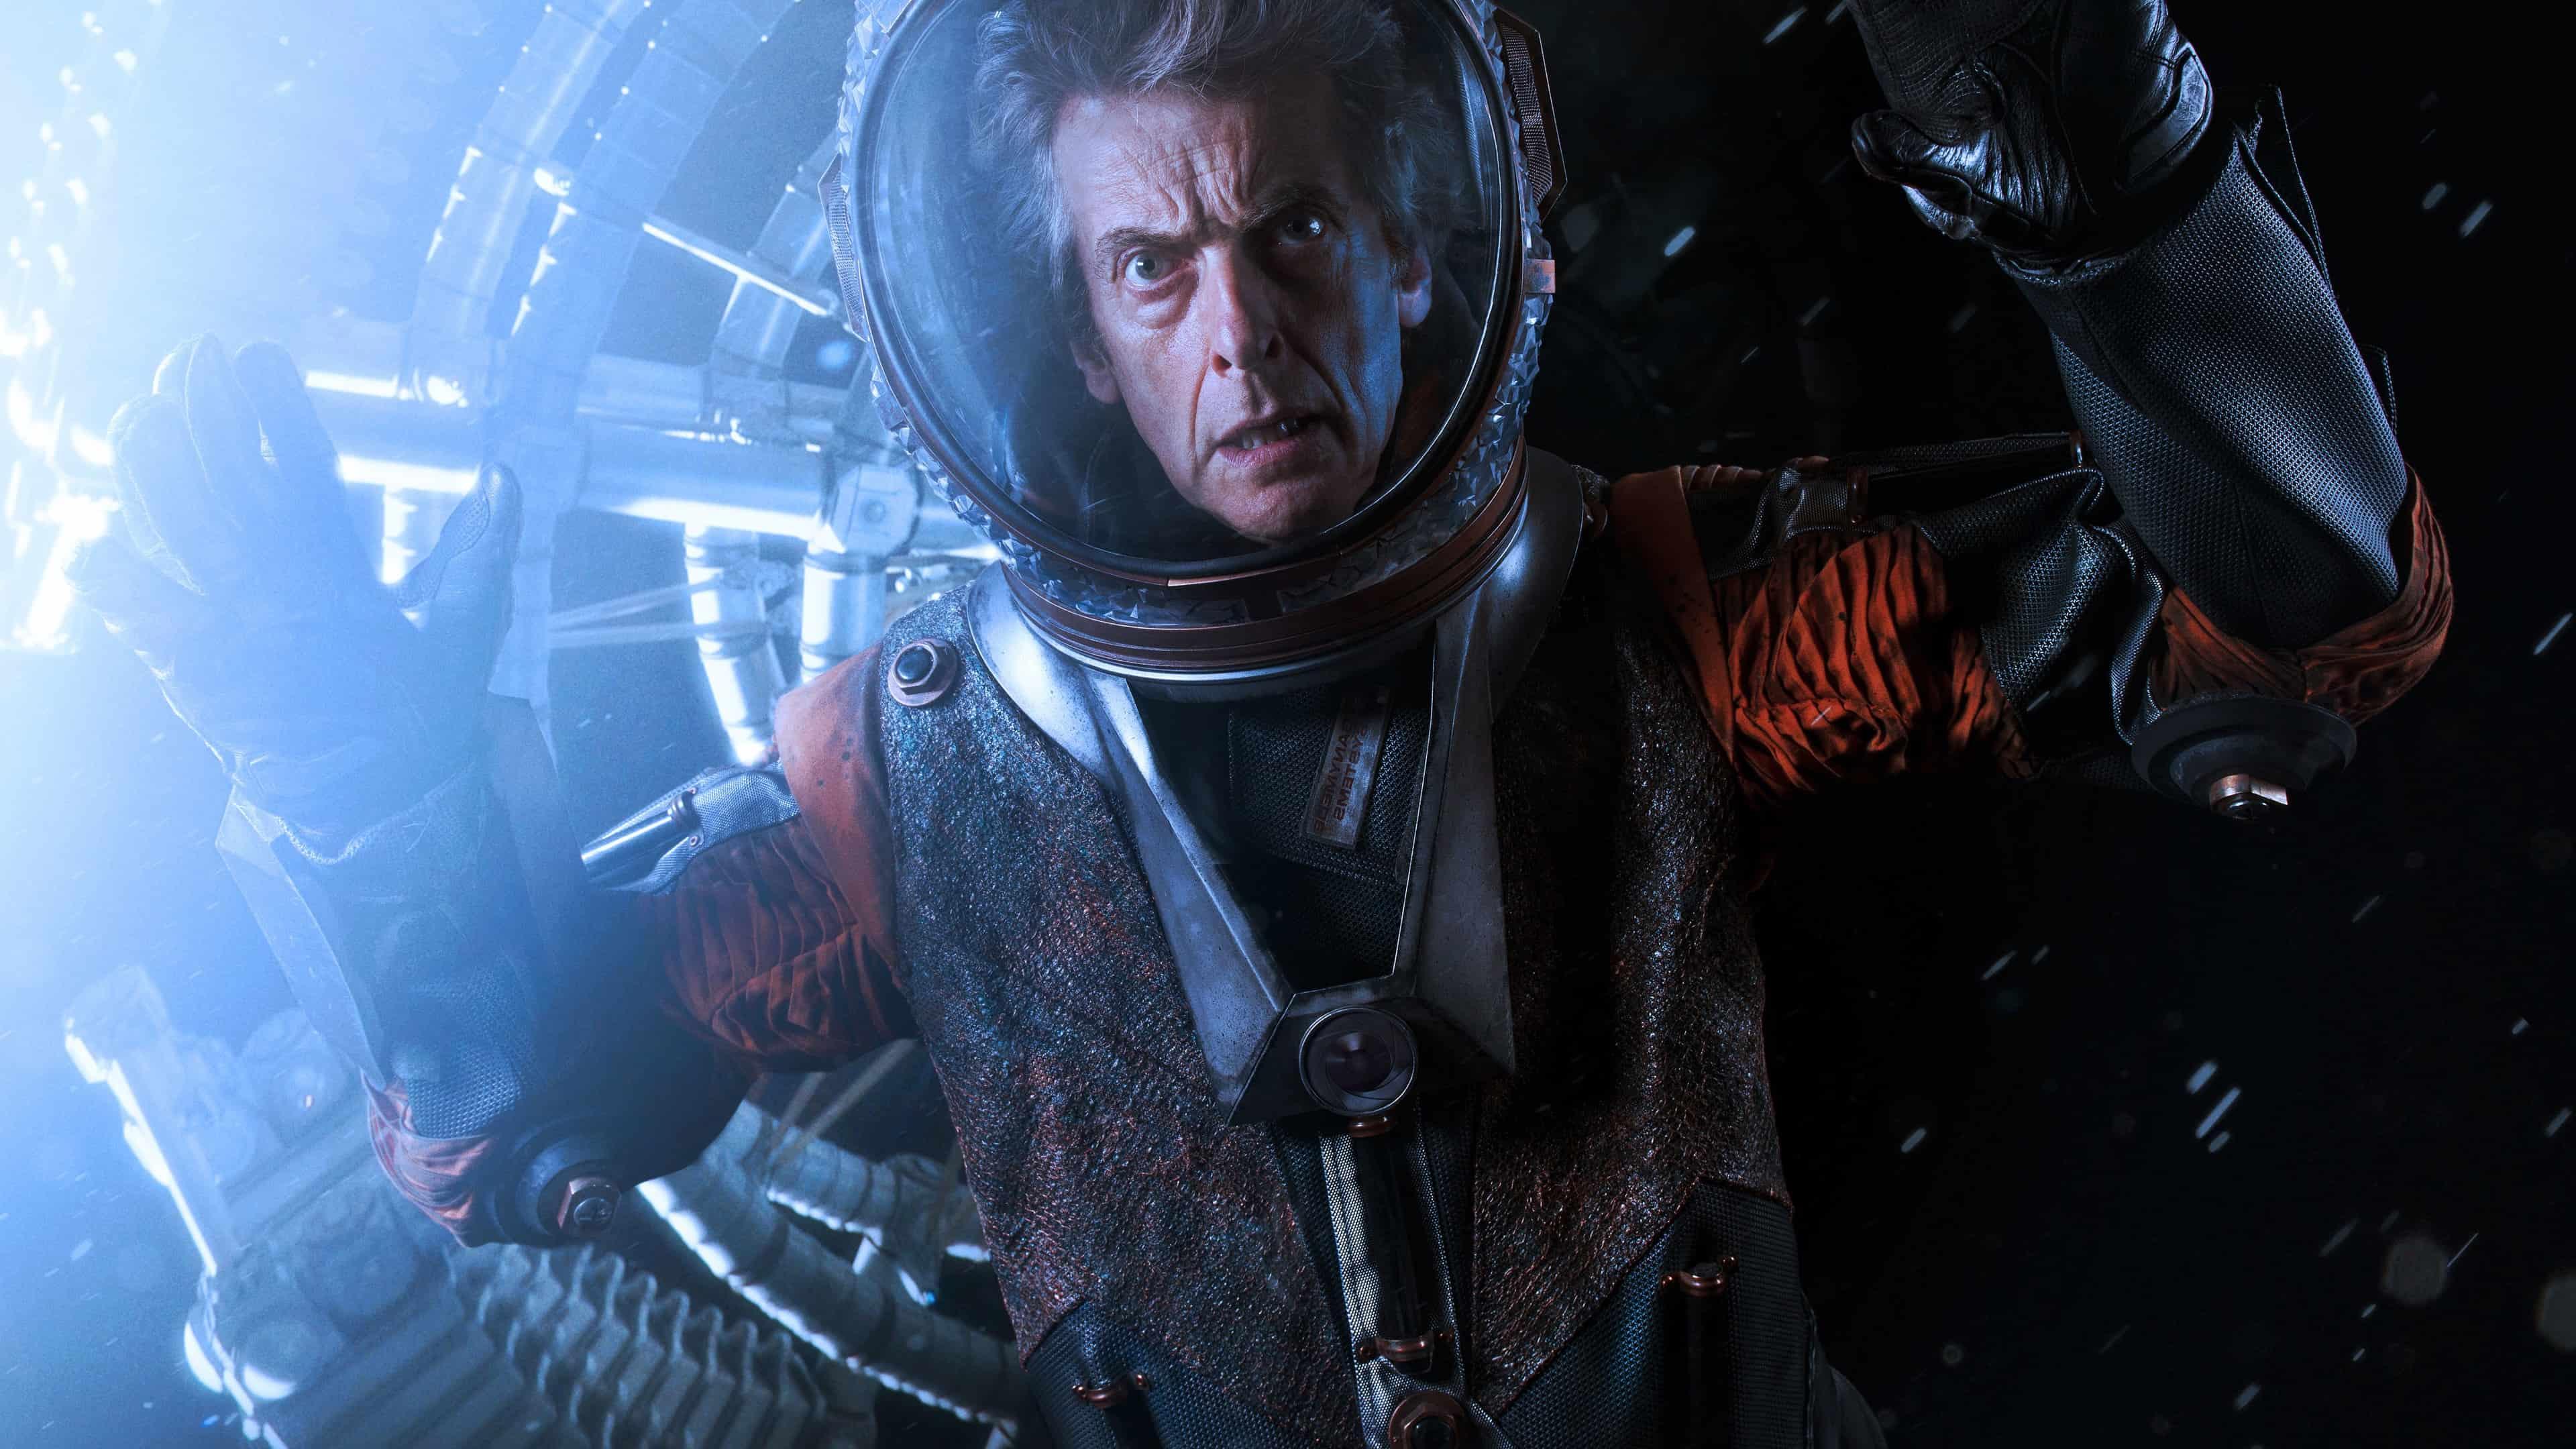 doctor who season 10 uhd 4k wallpaper